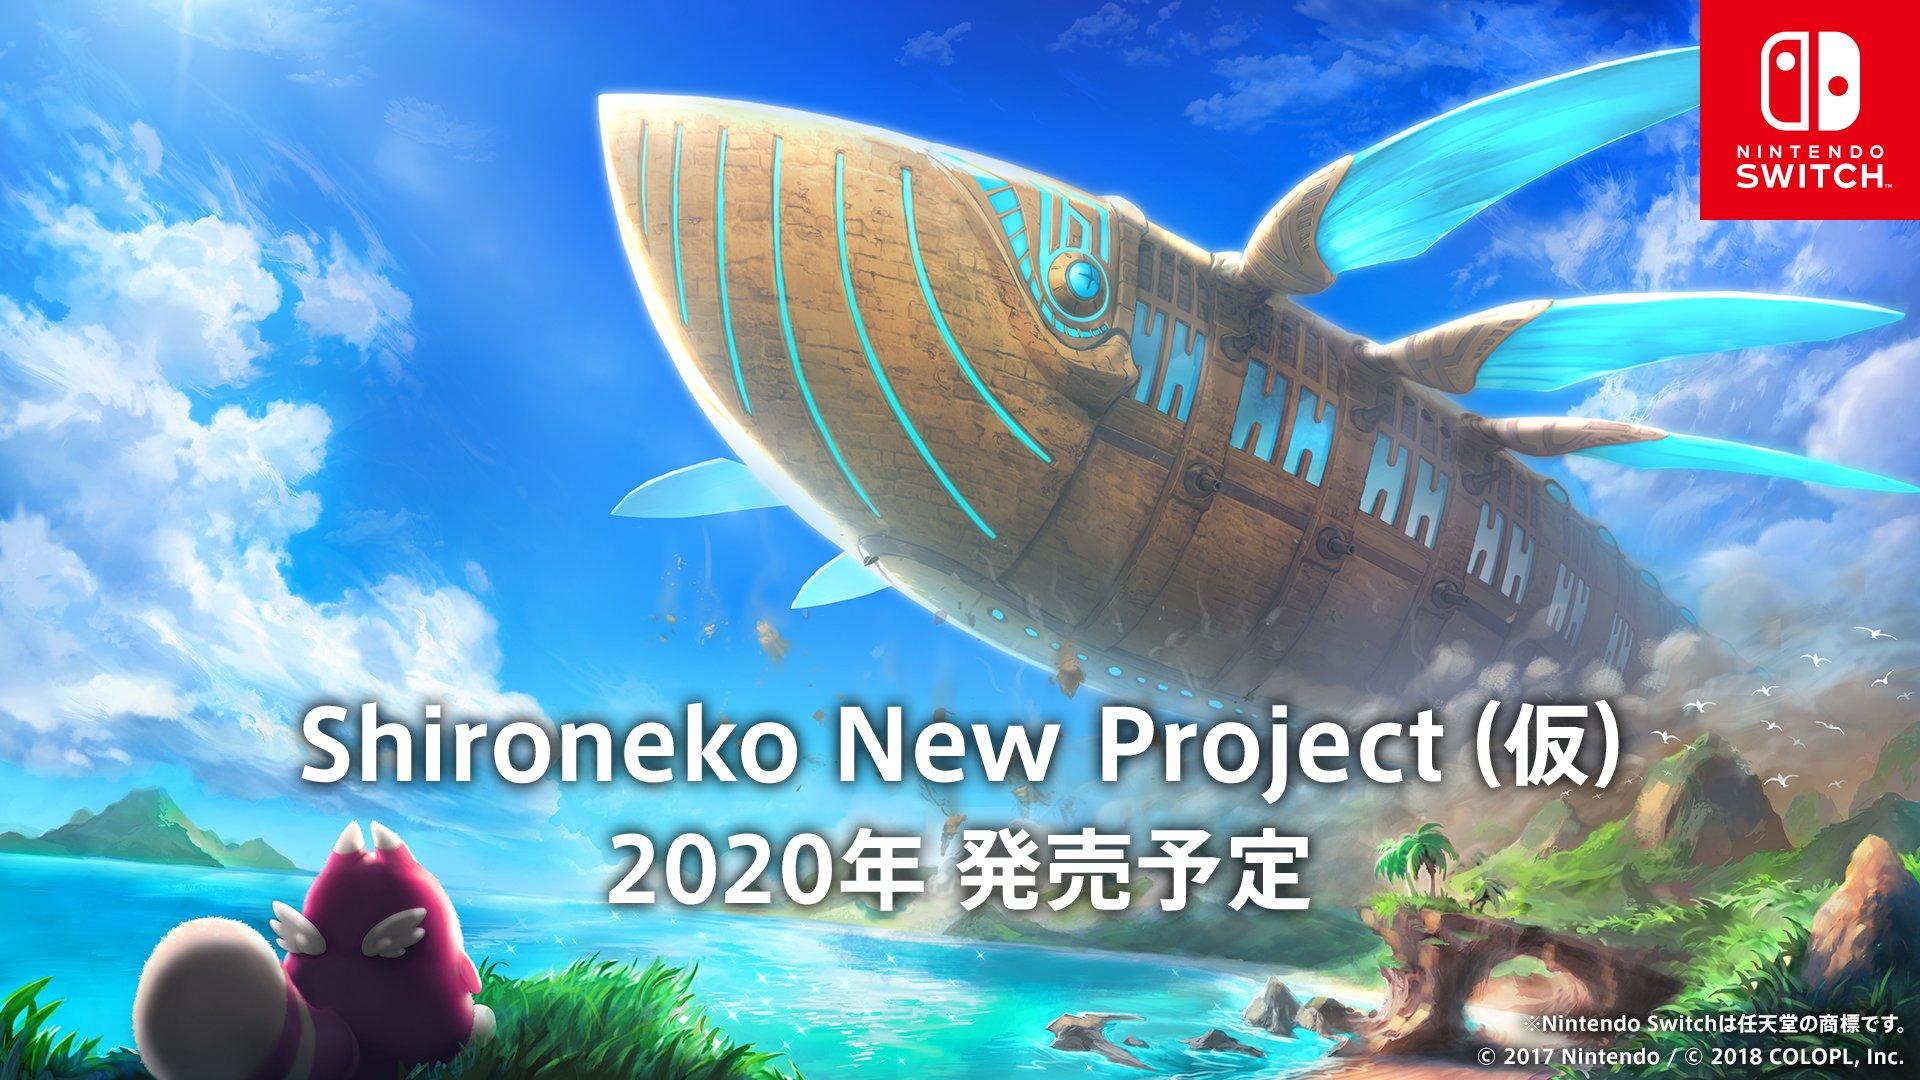 《白猫project》将于2020年推出NS版游戏《Shironeko New Project(暂称)》-ANICOGA